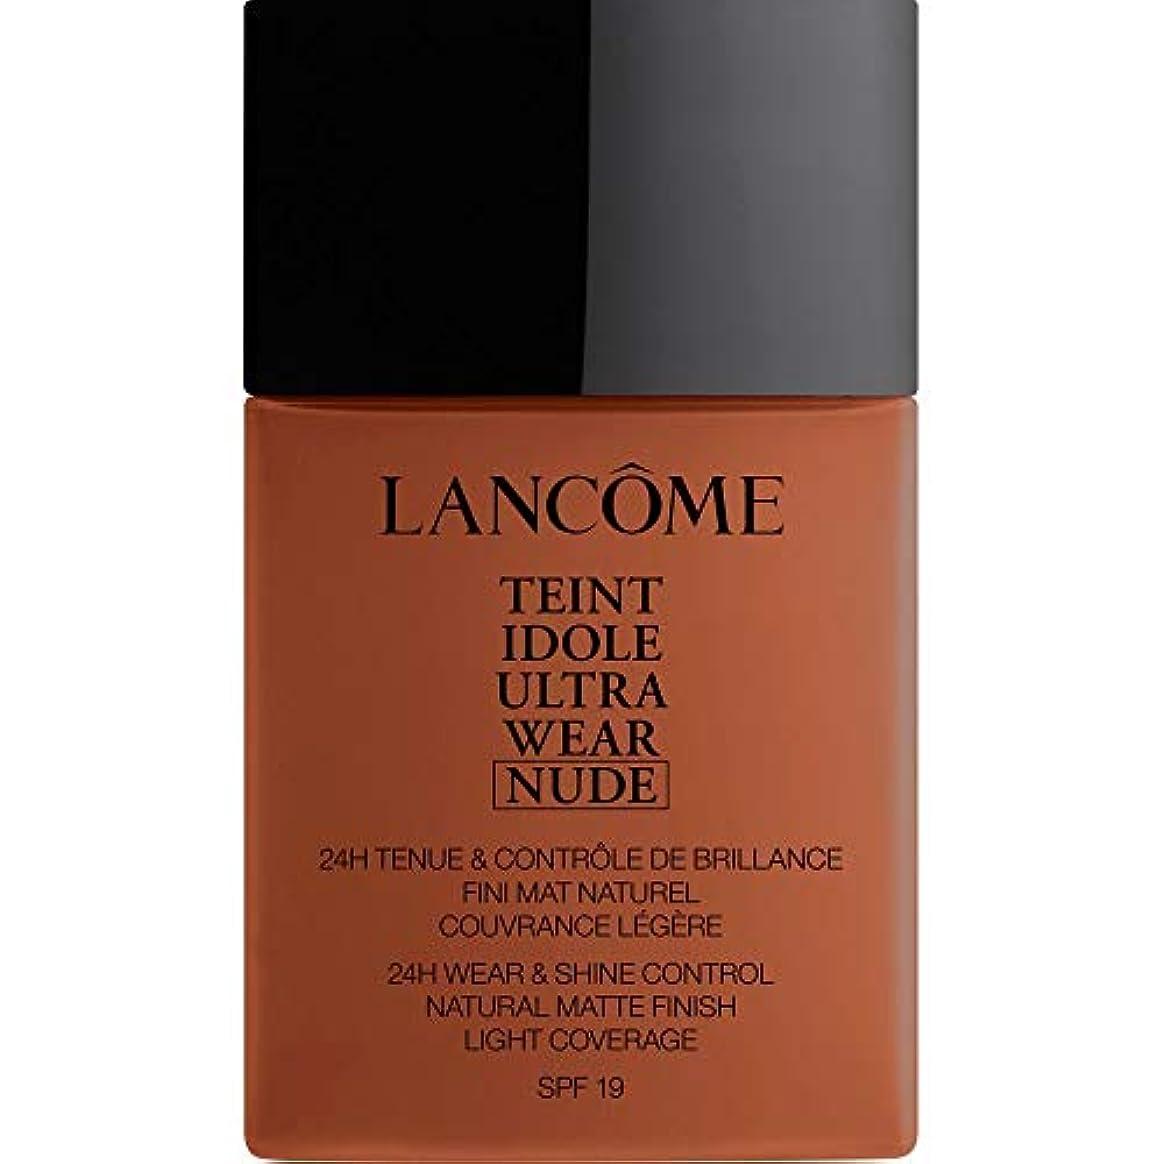 試験ましい状態[Lanc?me ] ランコムTeintのIdole超摩耗ヌード財団Spf19の40ミリリットル13.1 - カカオ - Lancome Teint Idole Ultra Wear Nude Foundation SPF19...